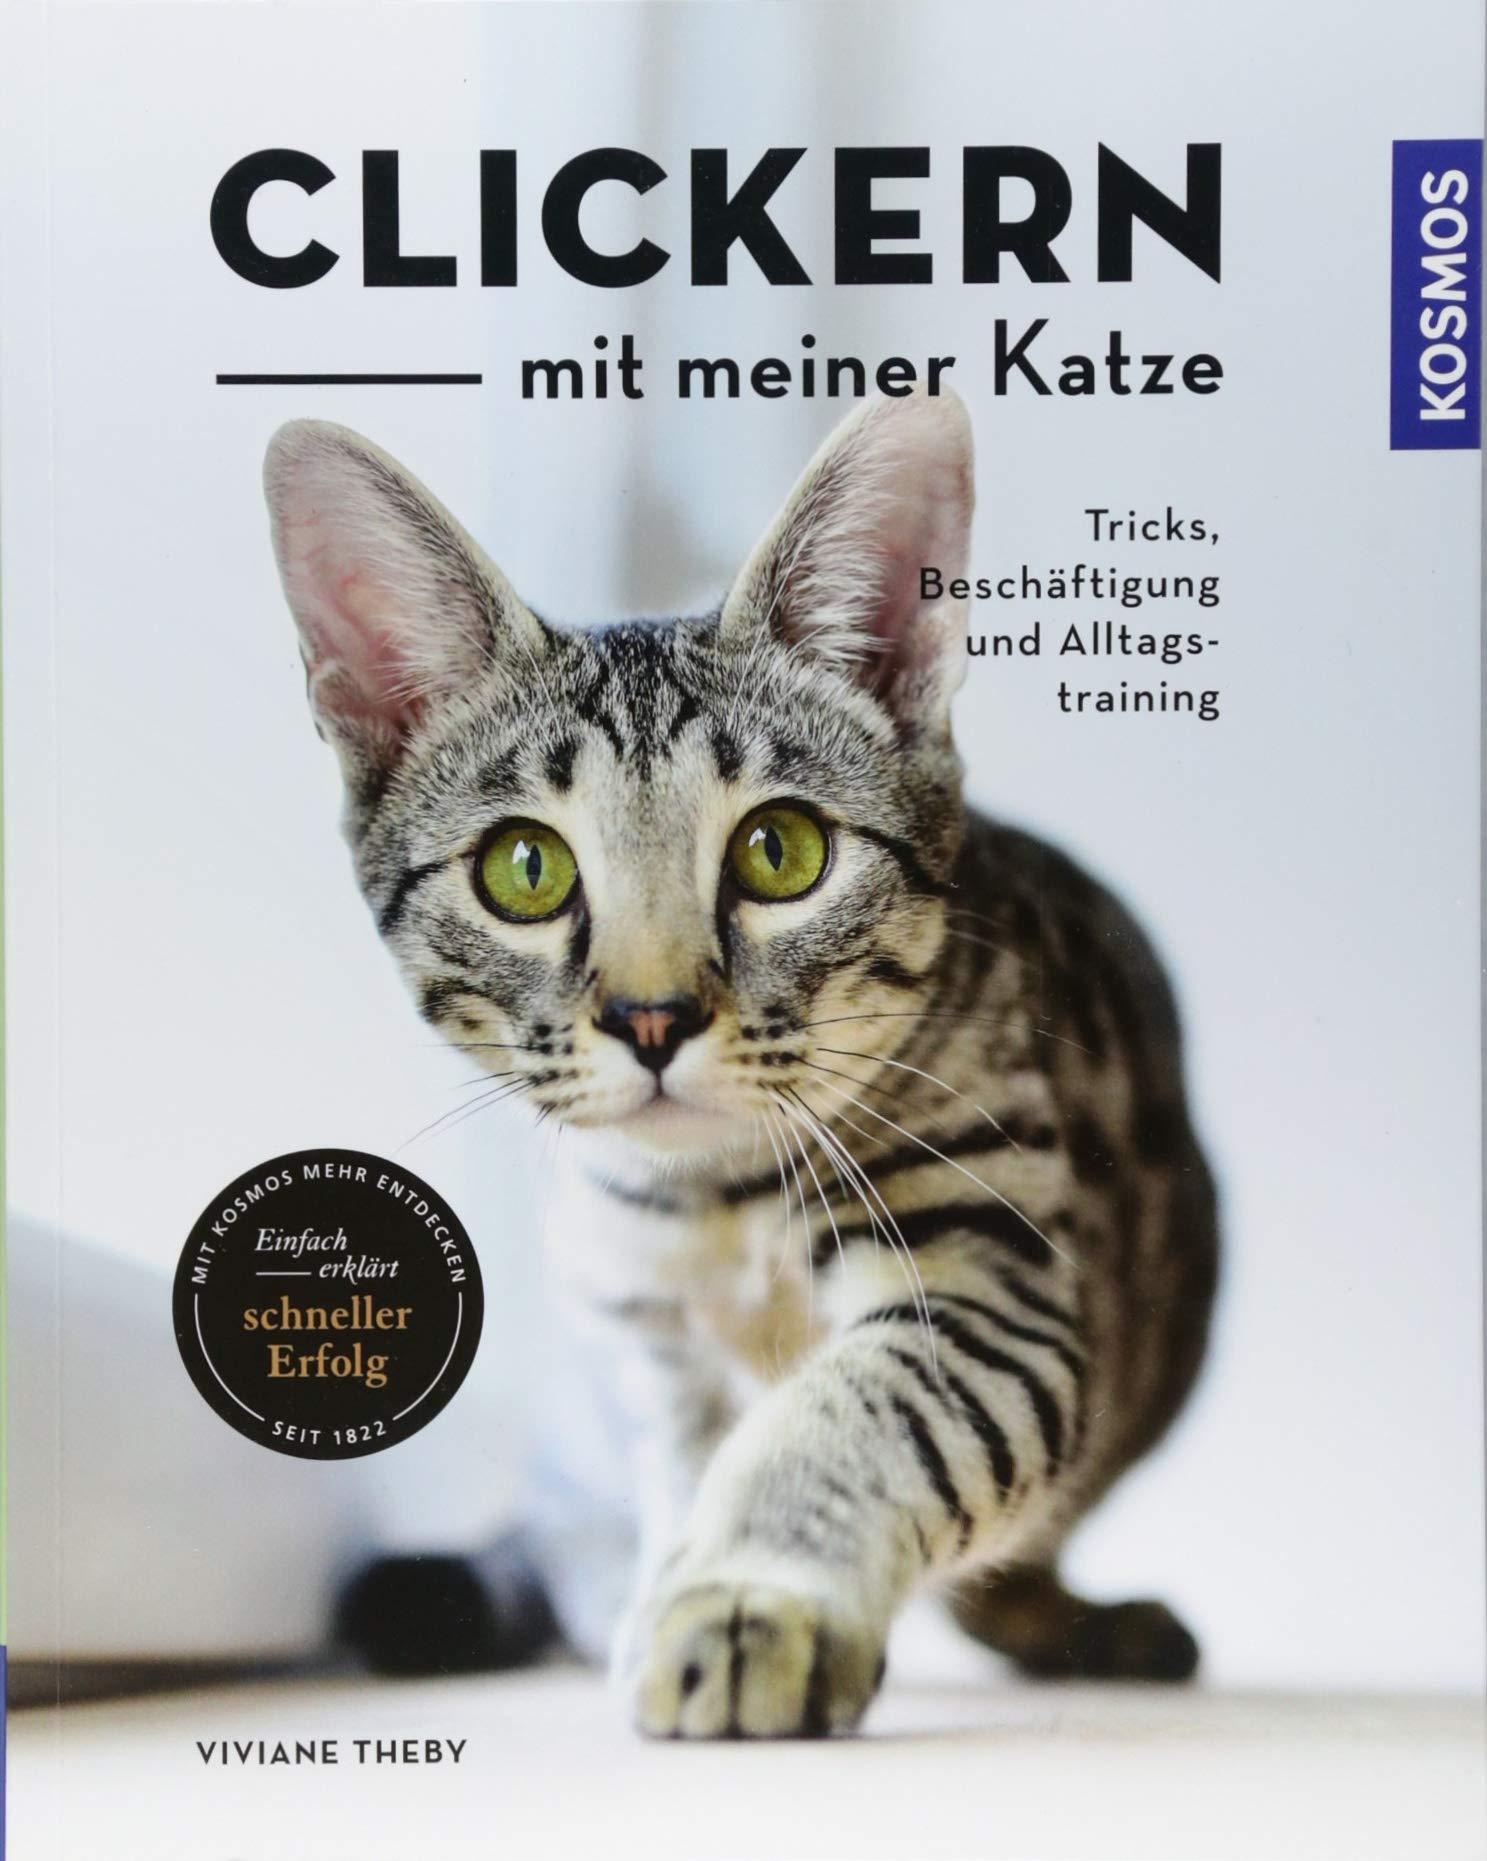 Clickern mit meiner Katze: Tricks Beschäftigung und Alltagstraining